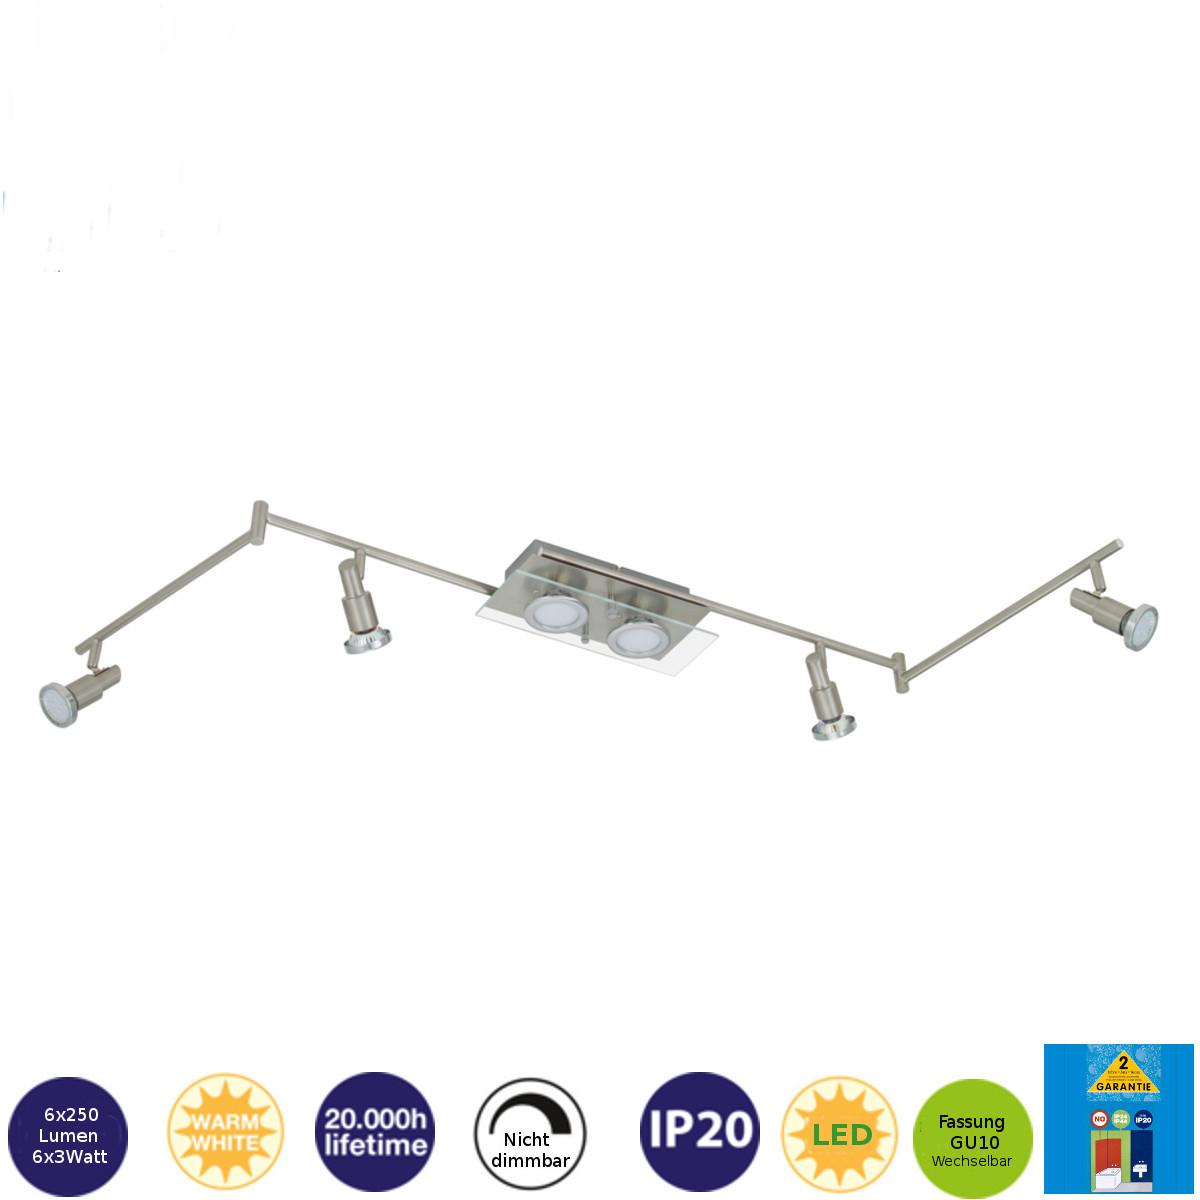 LED Deckenleuchte 60443179 Darlux Deckenspot Schienensystem Deckenlamp